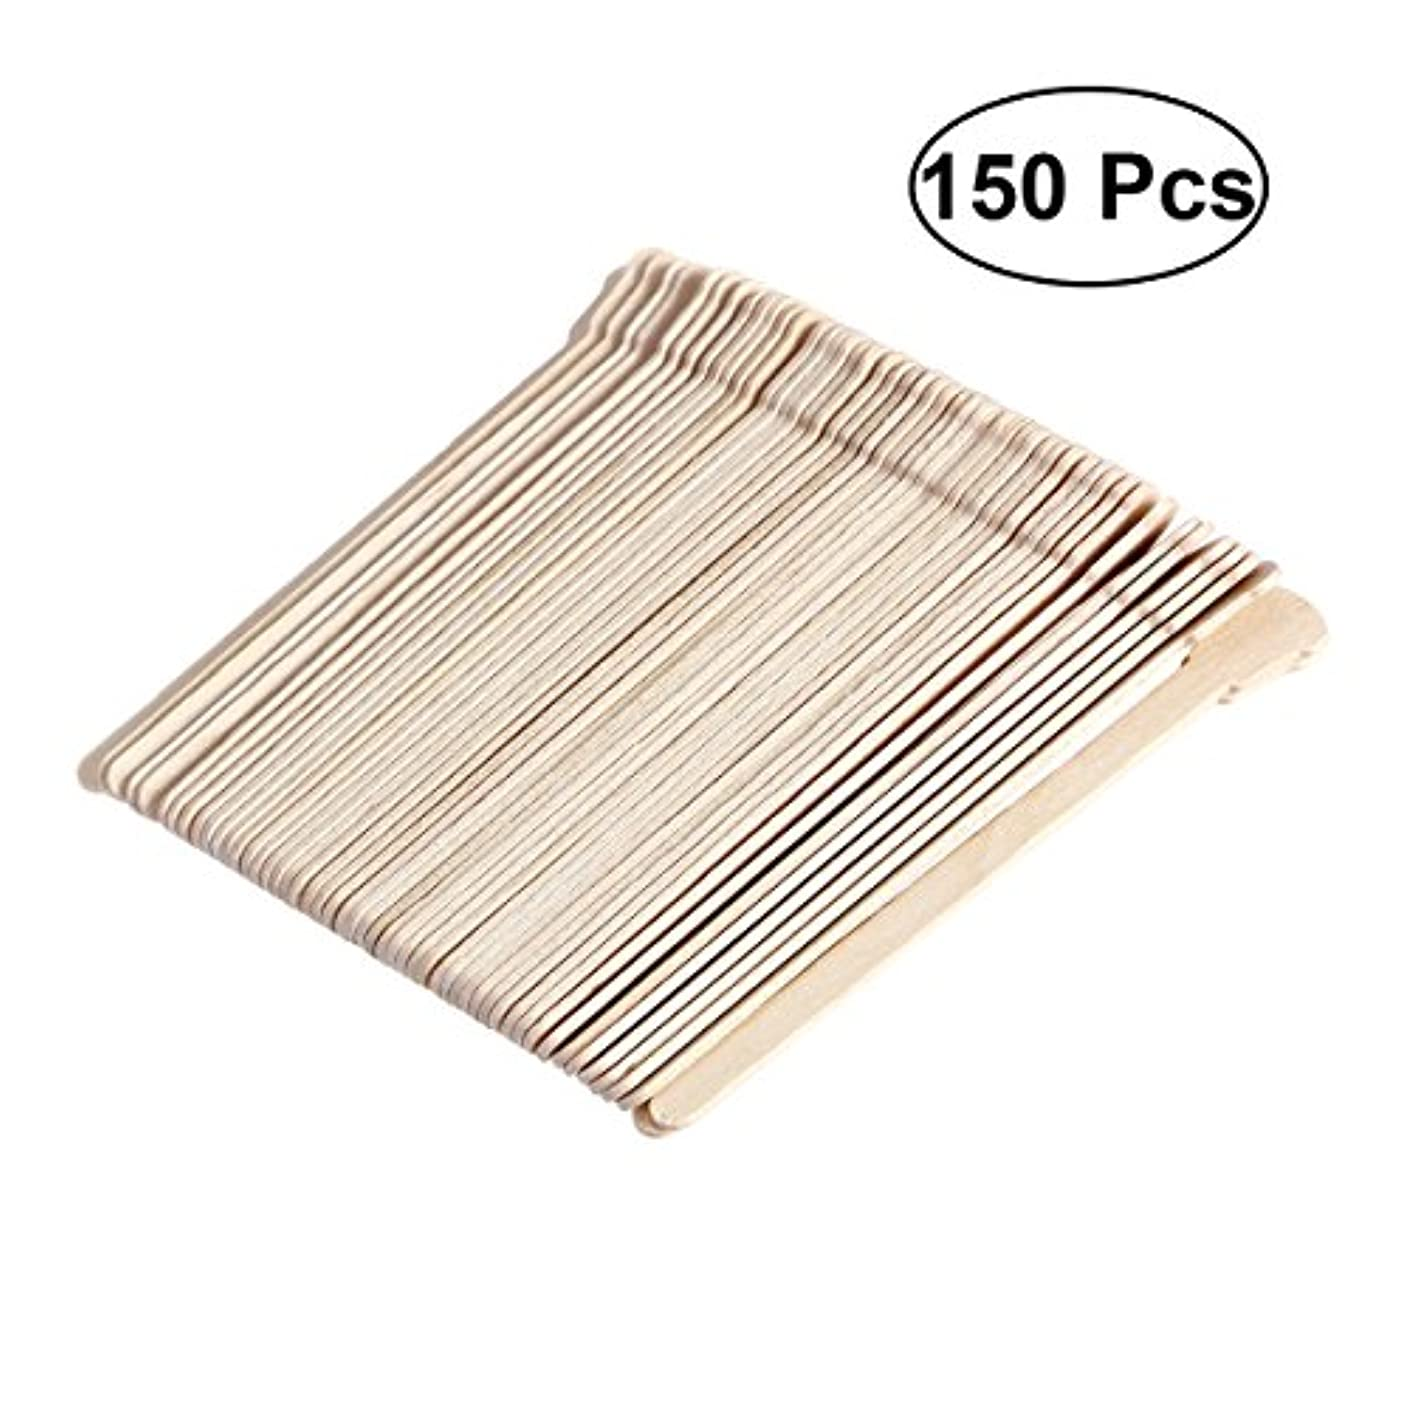 日曜日輪郭憂鬱SUPVOX 150ピース木製ワックススティックフェイス眉毛ワックスへら脱毛(オリジナル木製色)